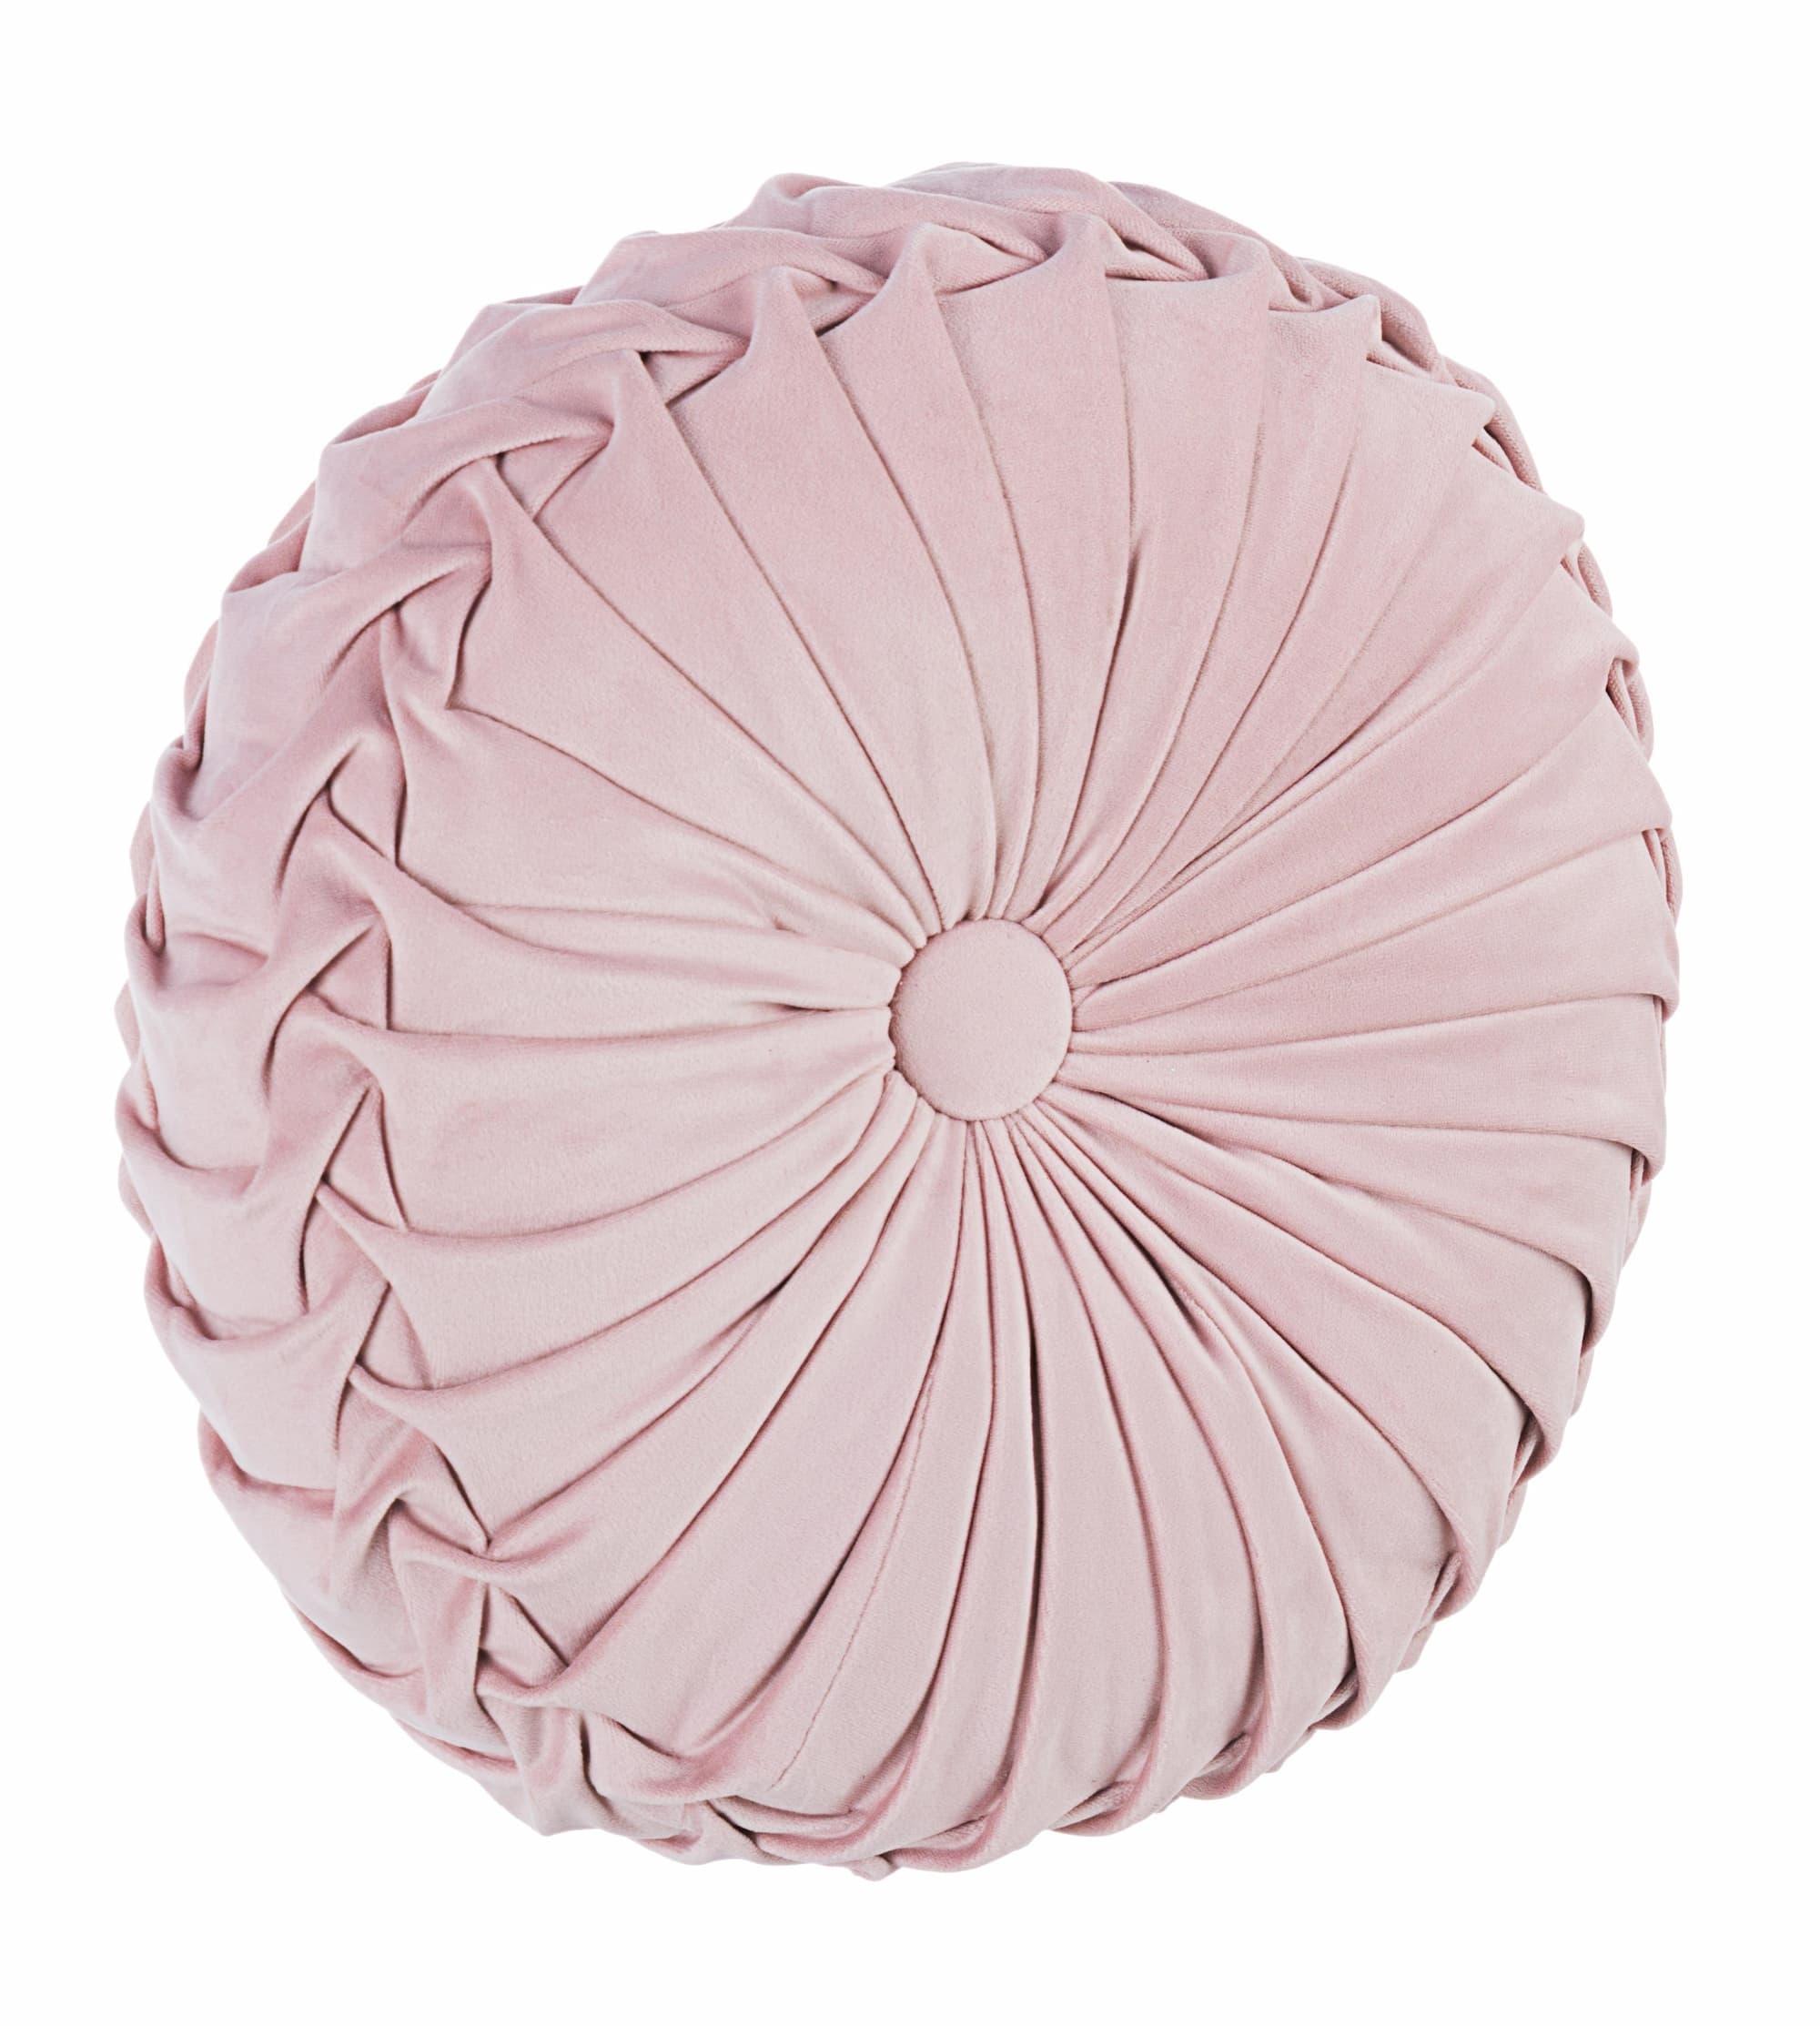 Perna decorativa Chantal Round Velvet Roz, Ø35xH15 cm